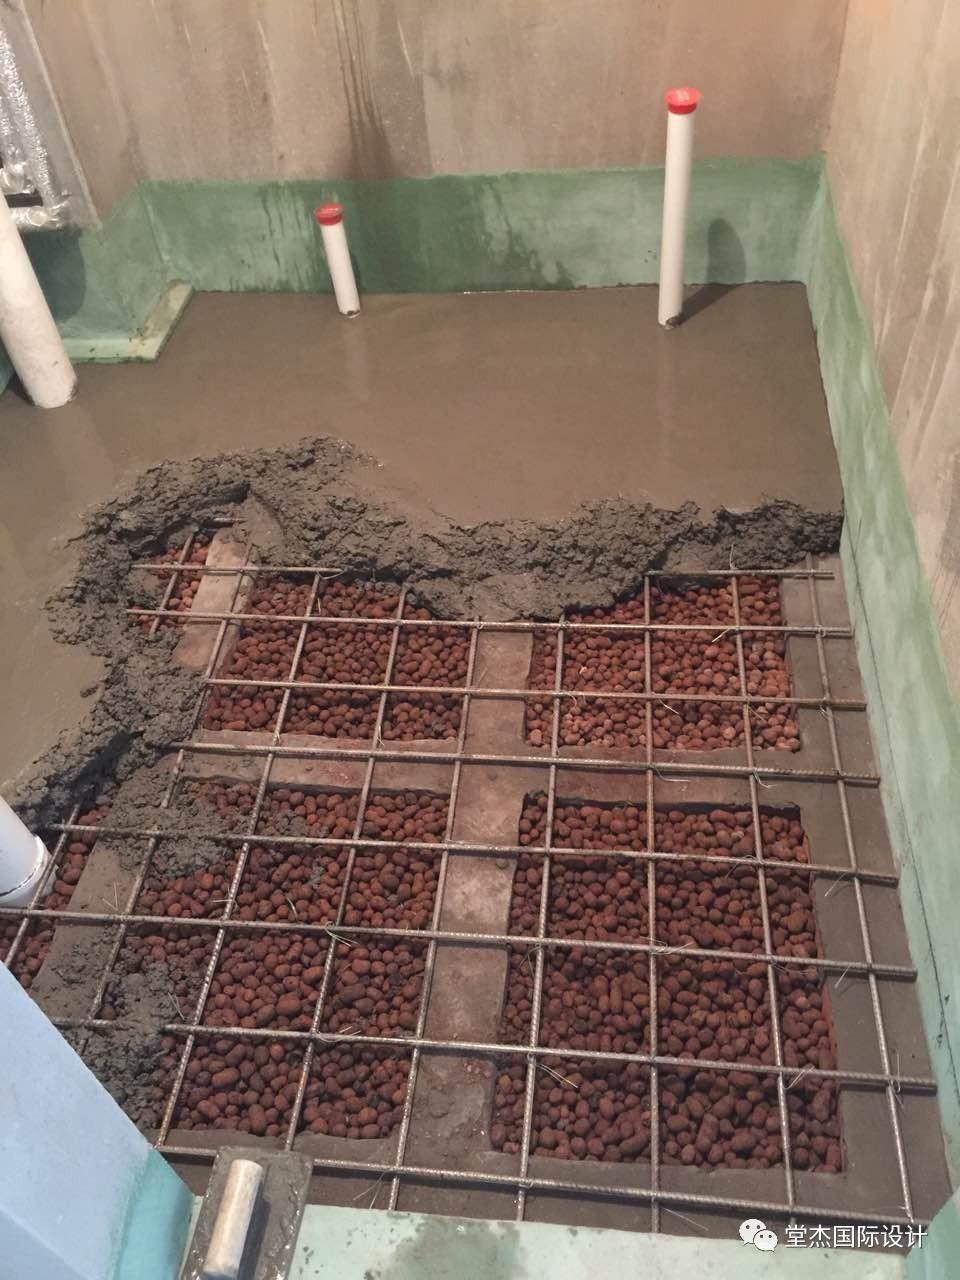 水泥发泡回填卫生间水泥风格卫生间图片5